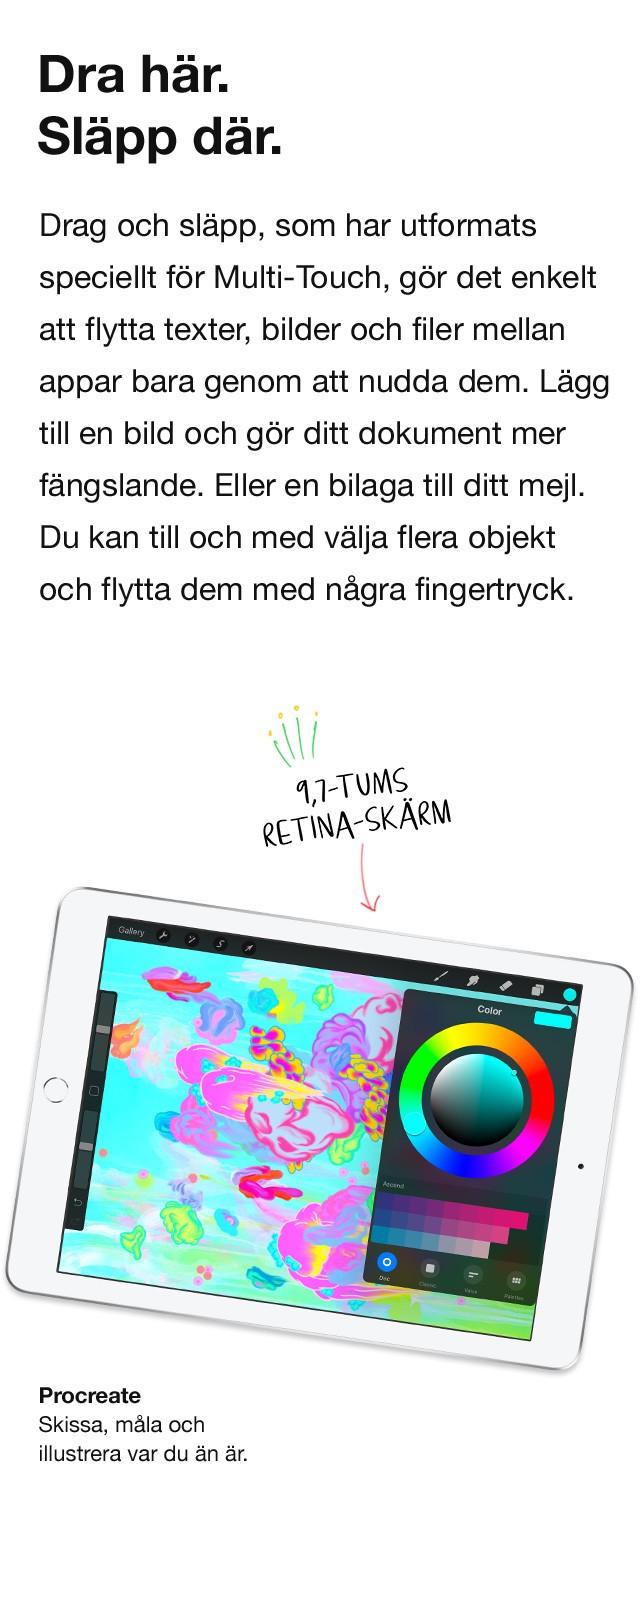 Använd ditt fingeravtryck som ditt lösenord tryggt och enkelt med Touch ID